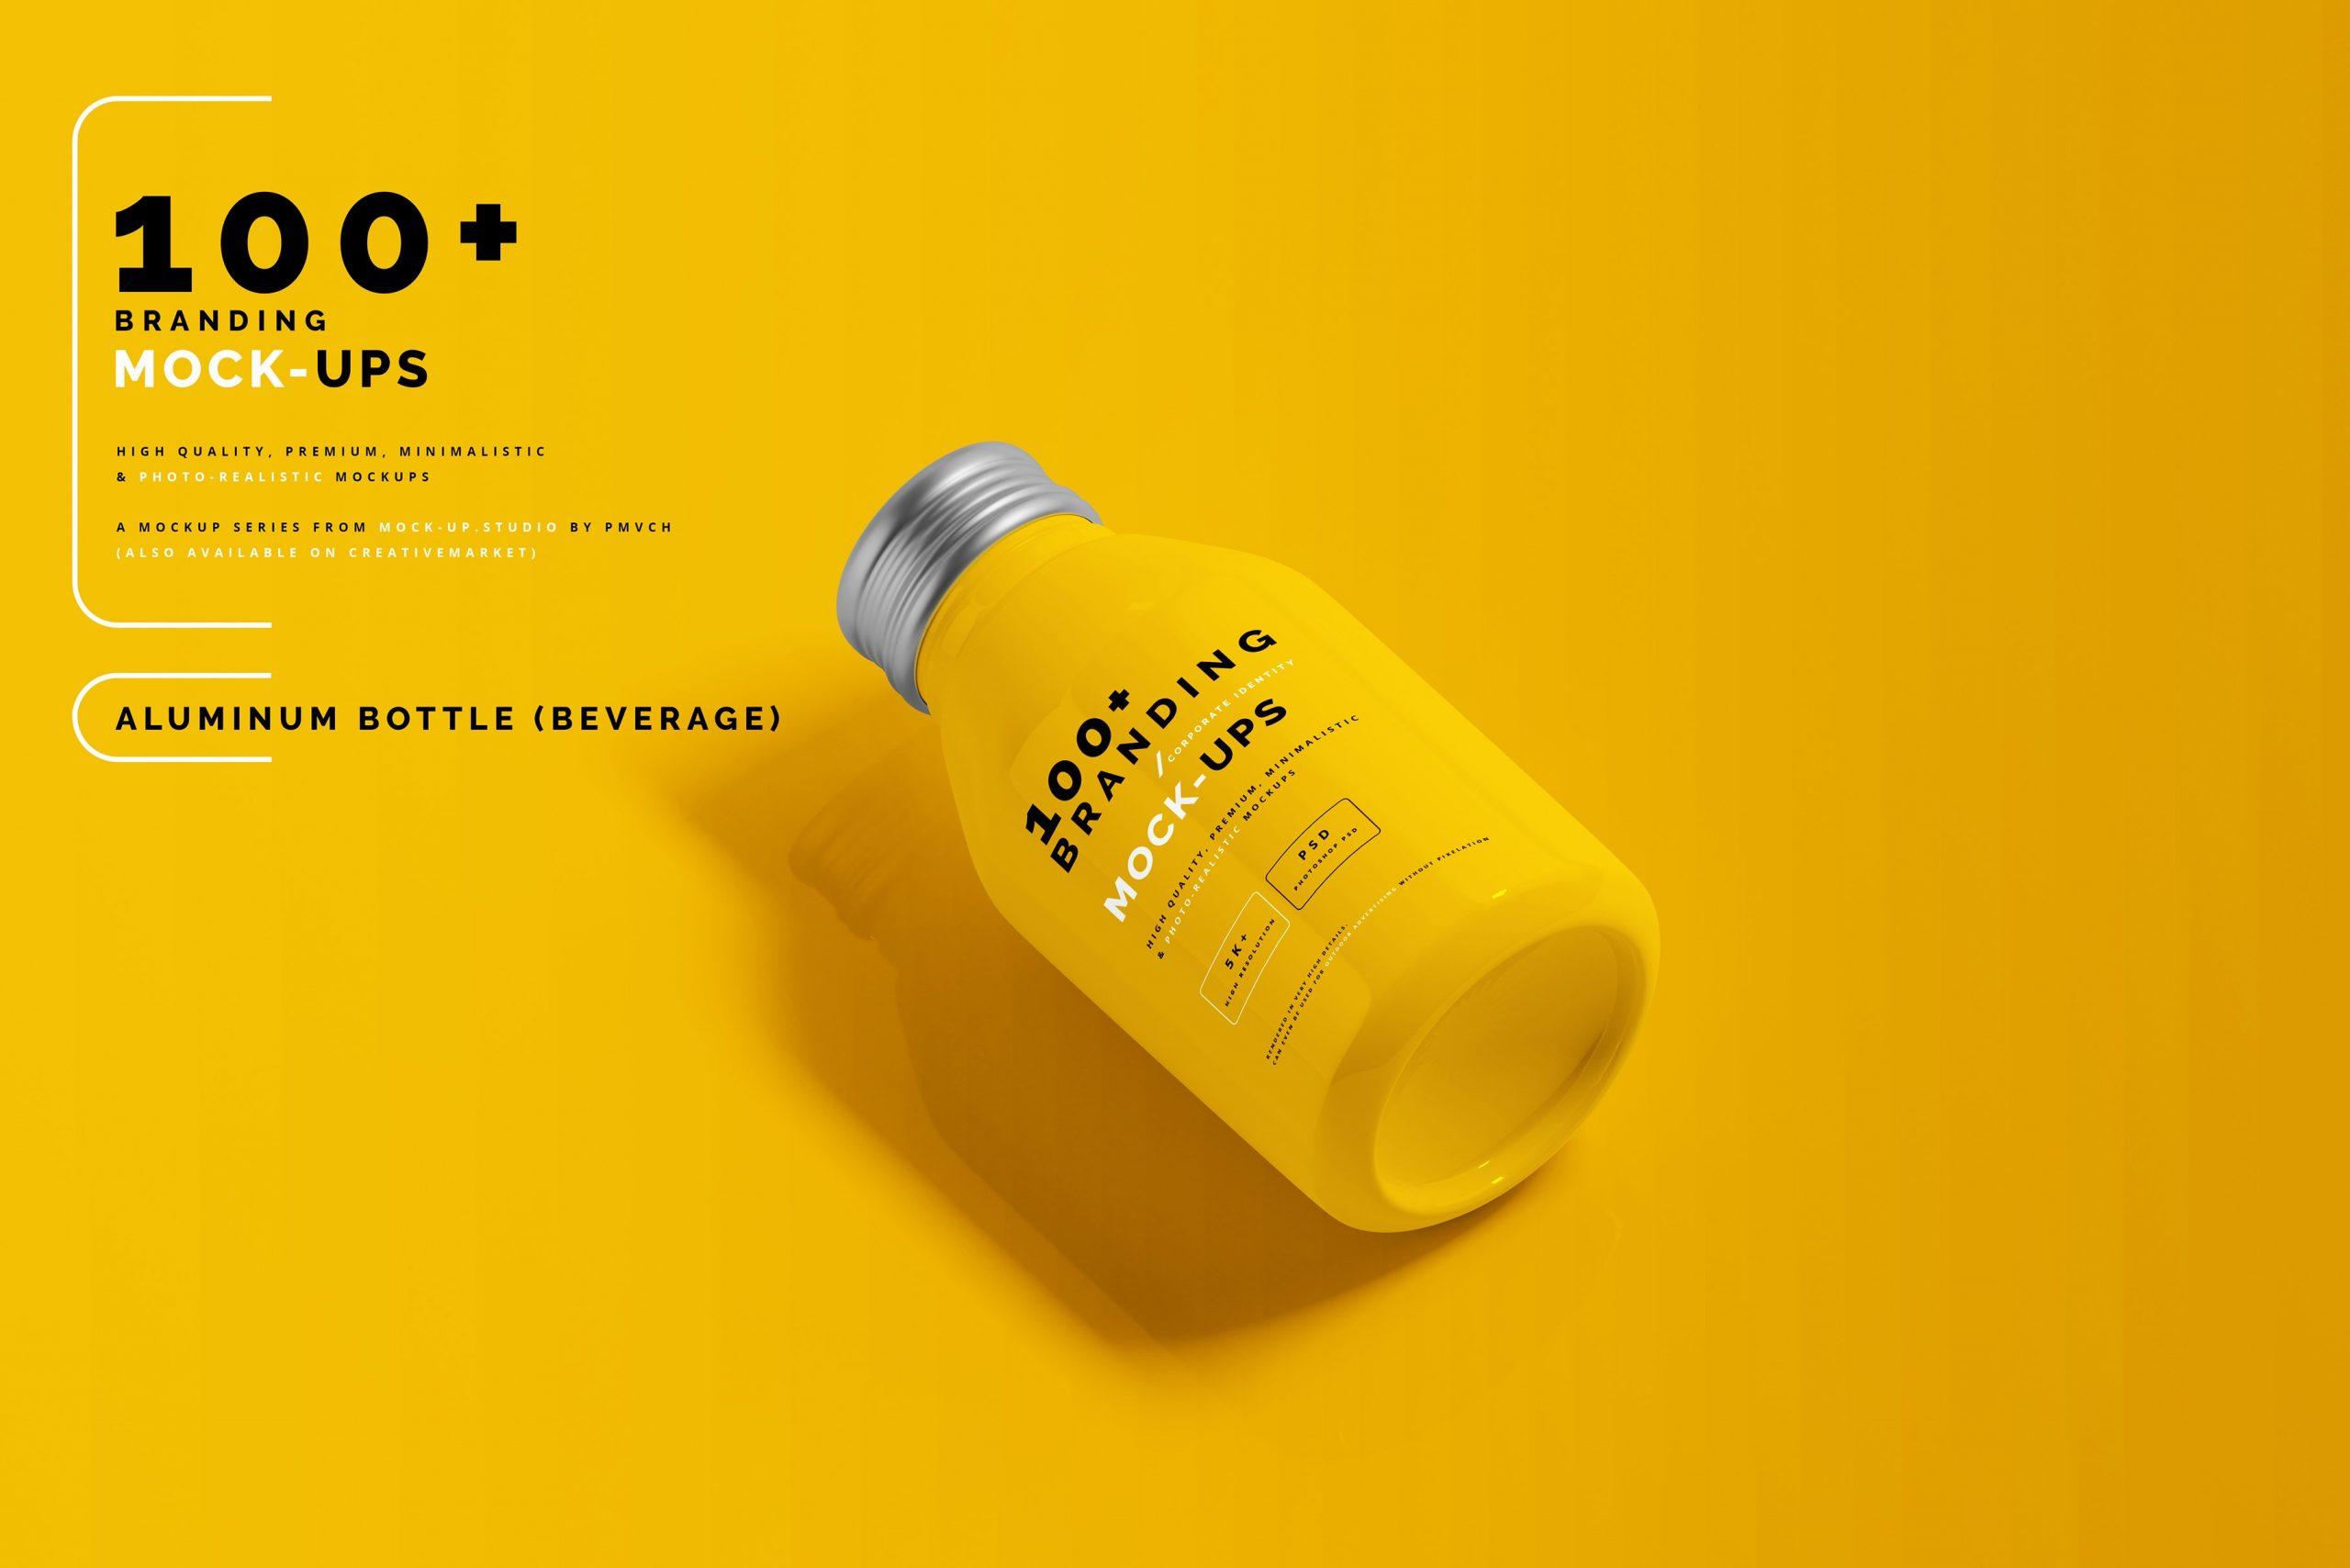 VI样机:100多个宣传册书籍瓶子名片CD封套咖啡杯化妆品海报横幅高分辨率品牌PSD样机(4248)插图(27)